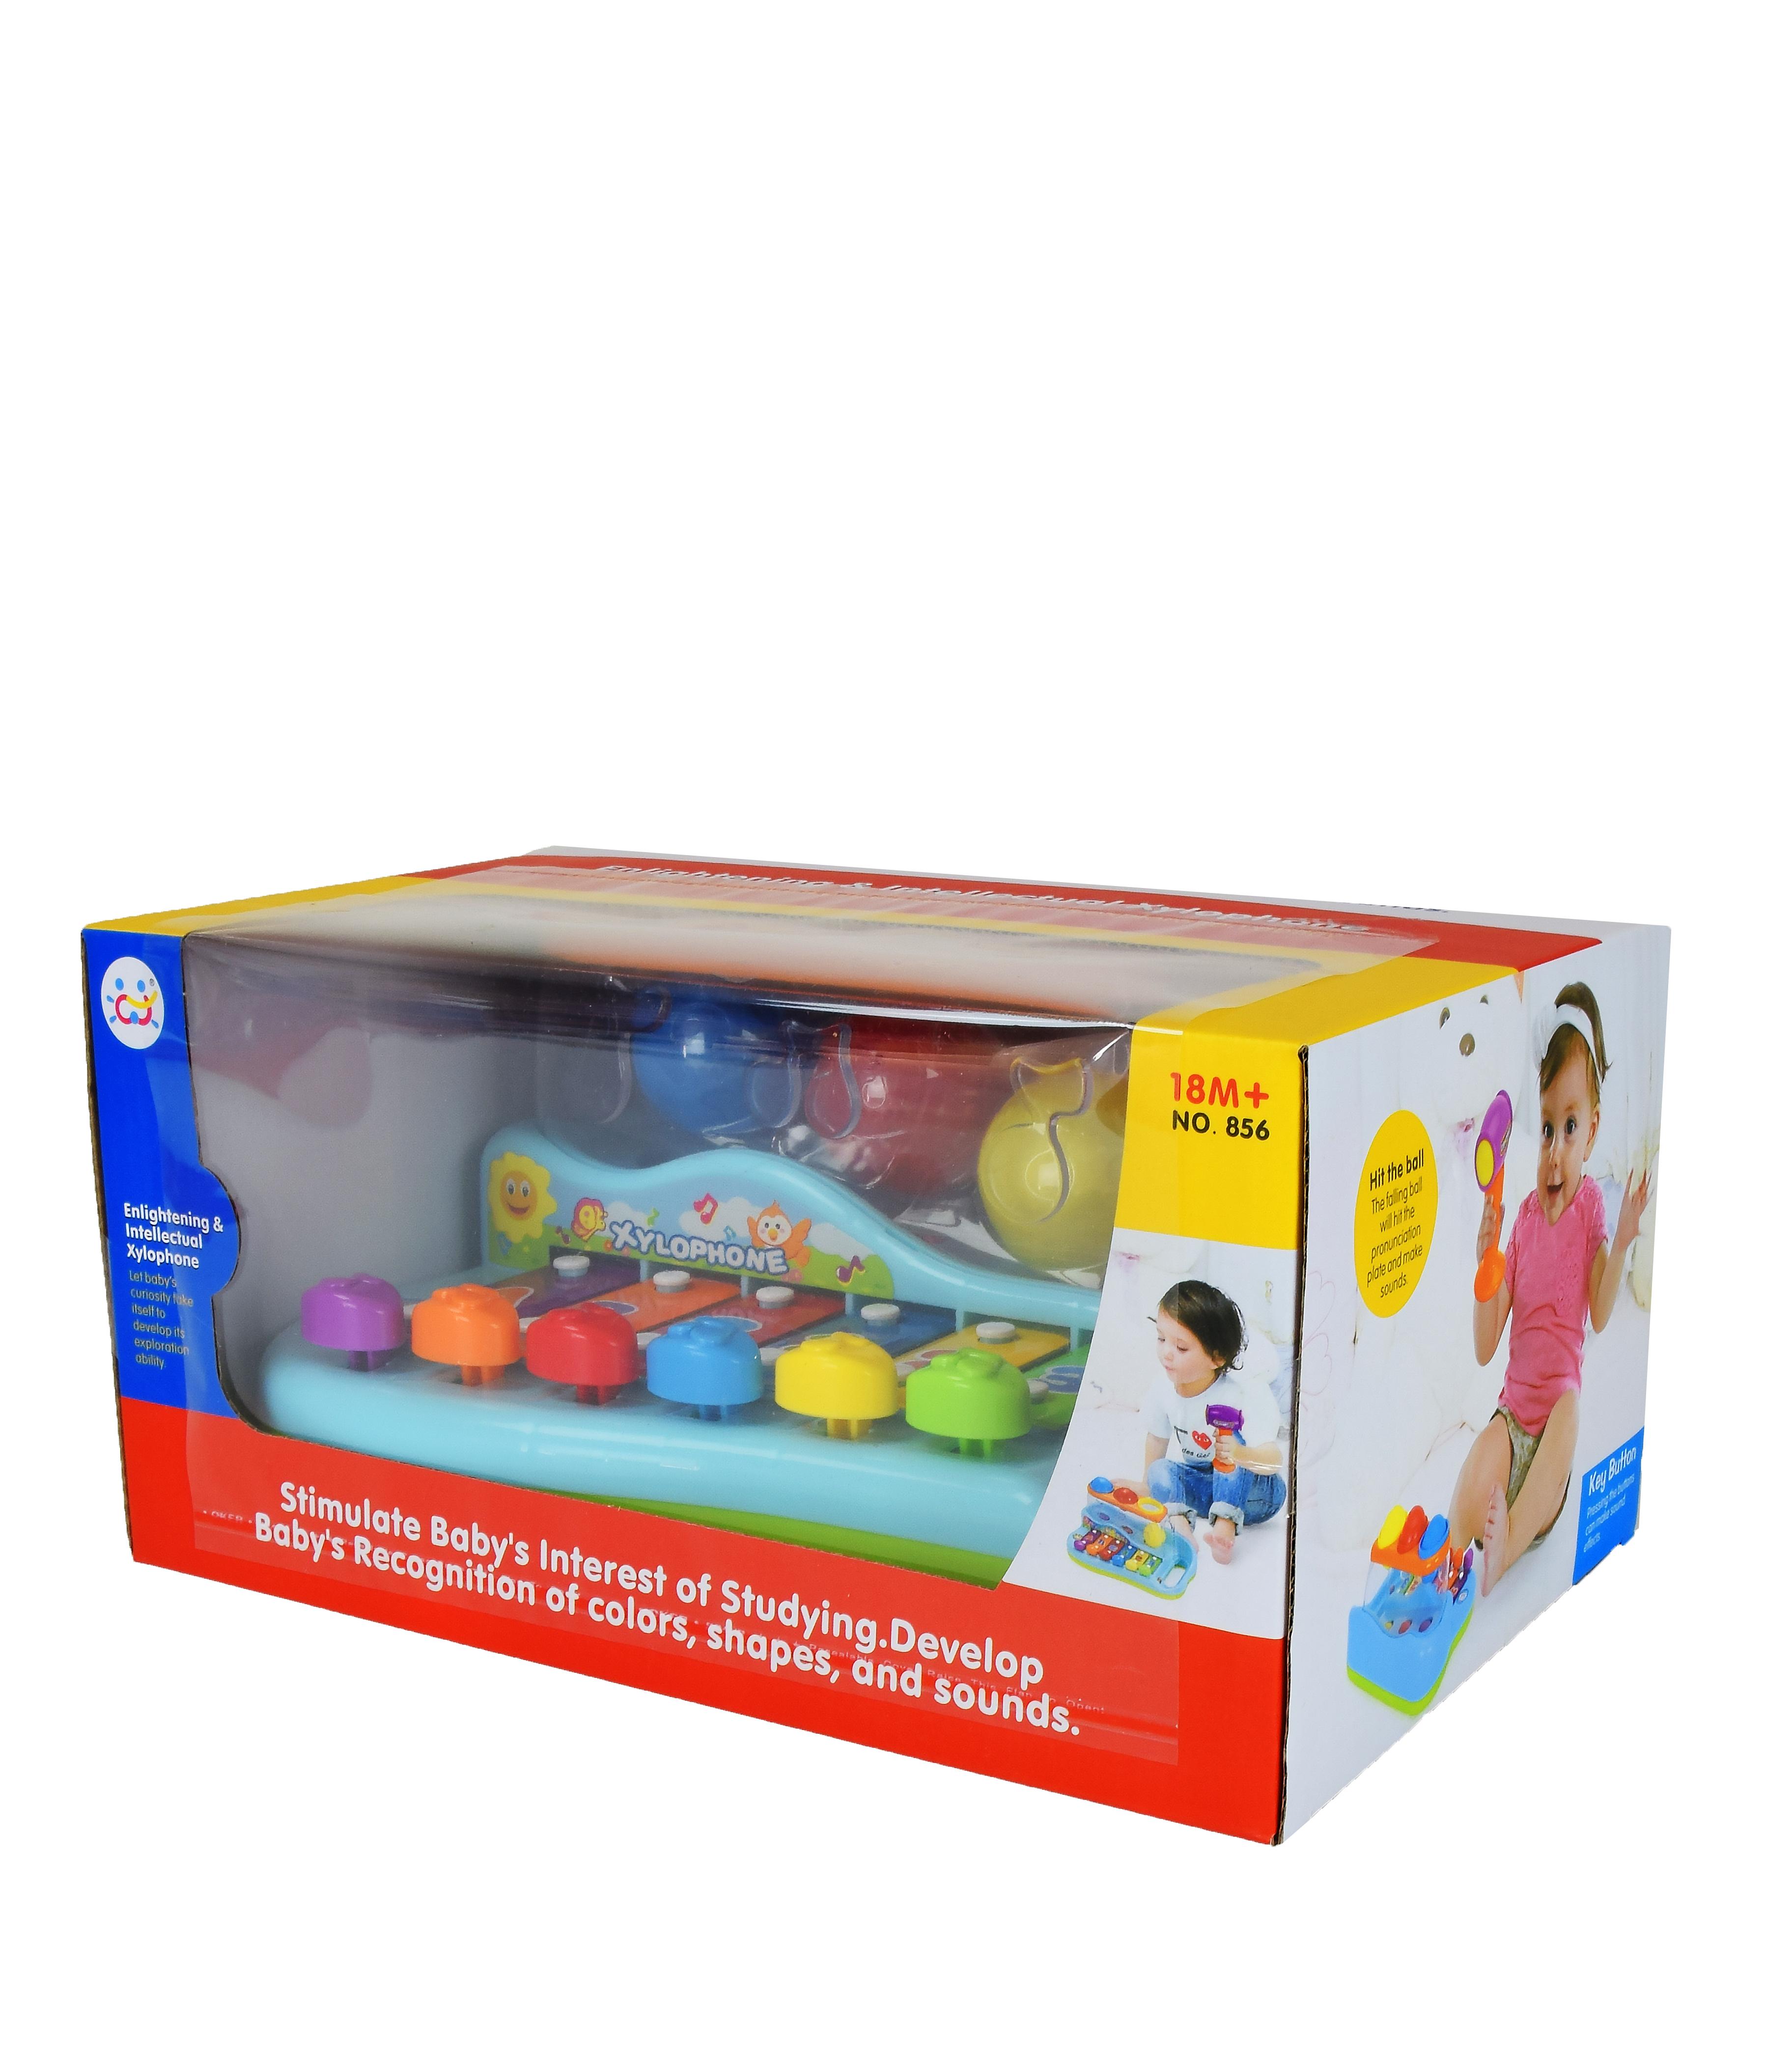 Іграшка розвиваюча арт 856 Ксилофон  28*18*14 см в коробці